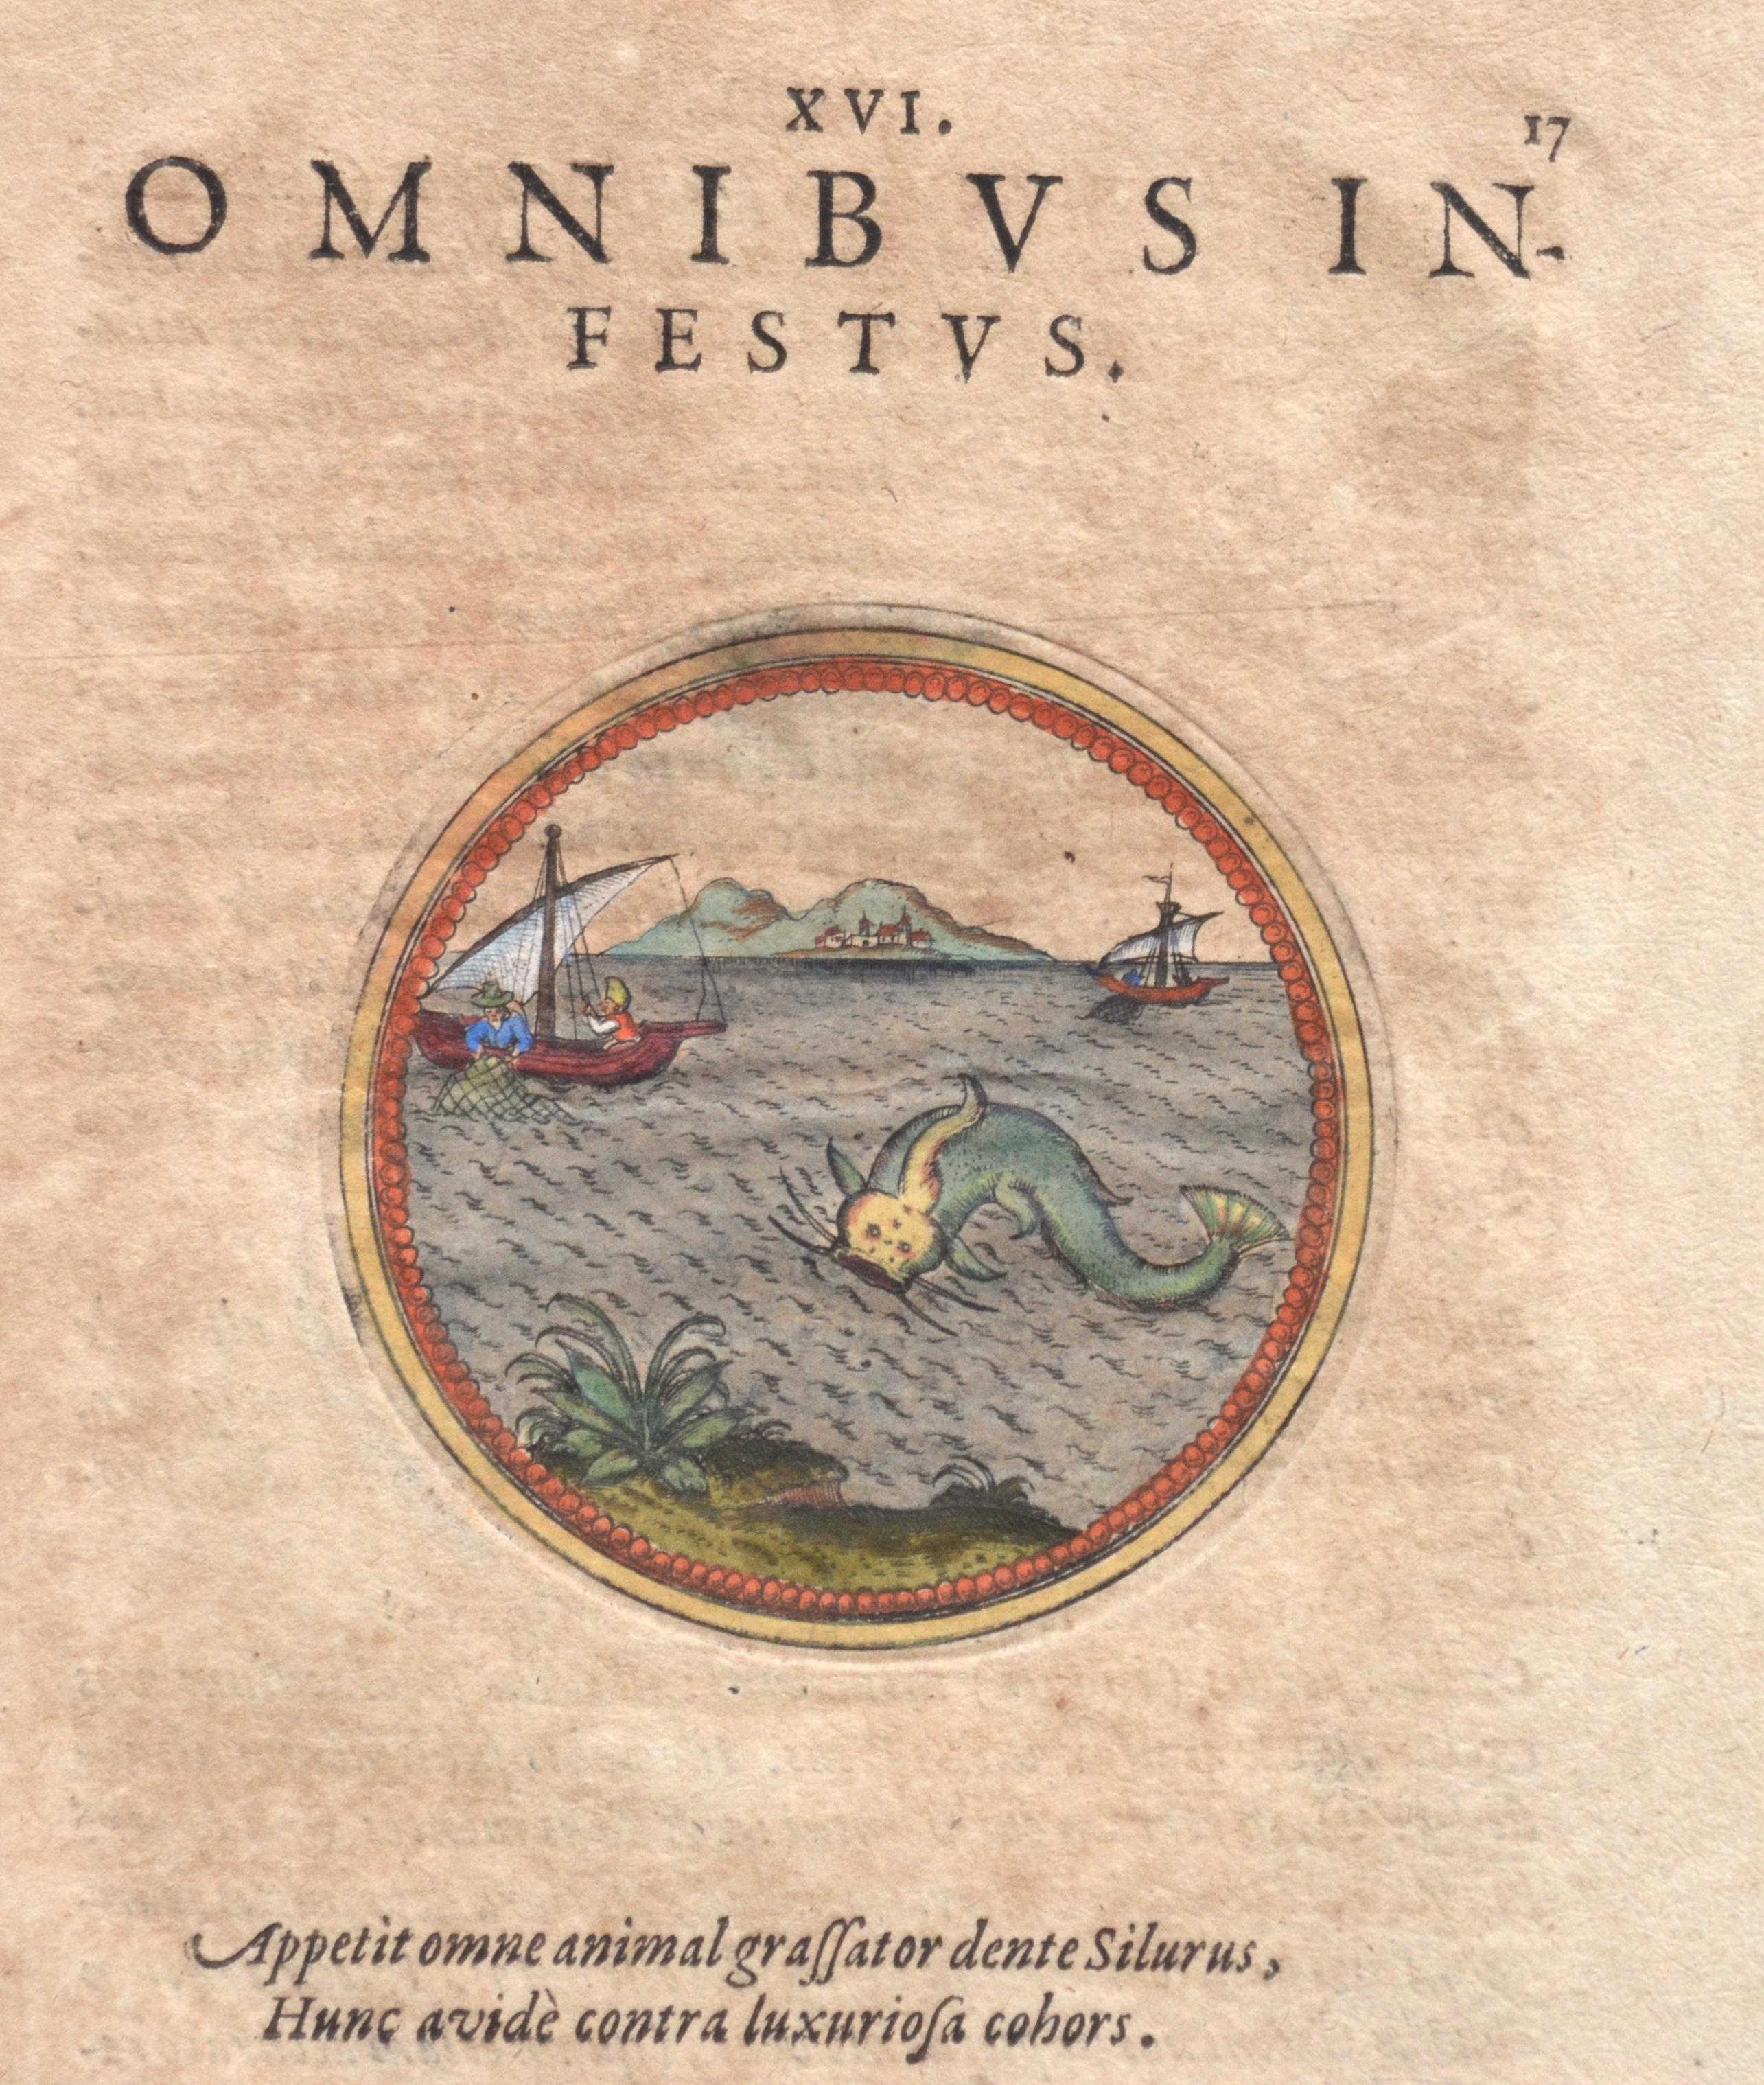 Anonymus  XVI. Omnibus infestus.